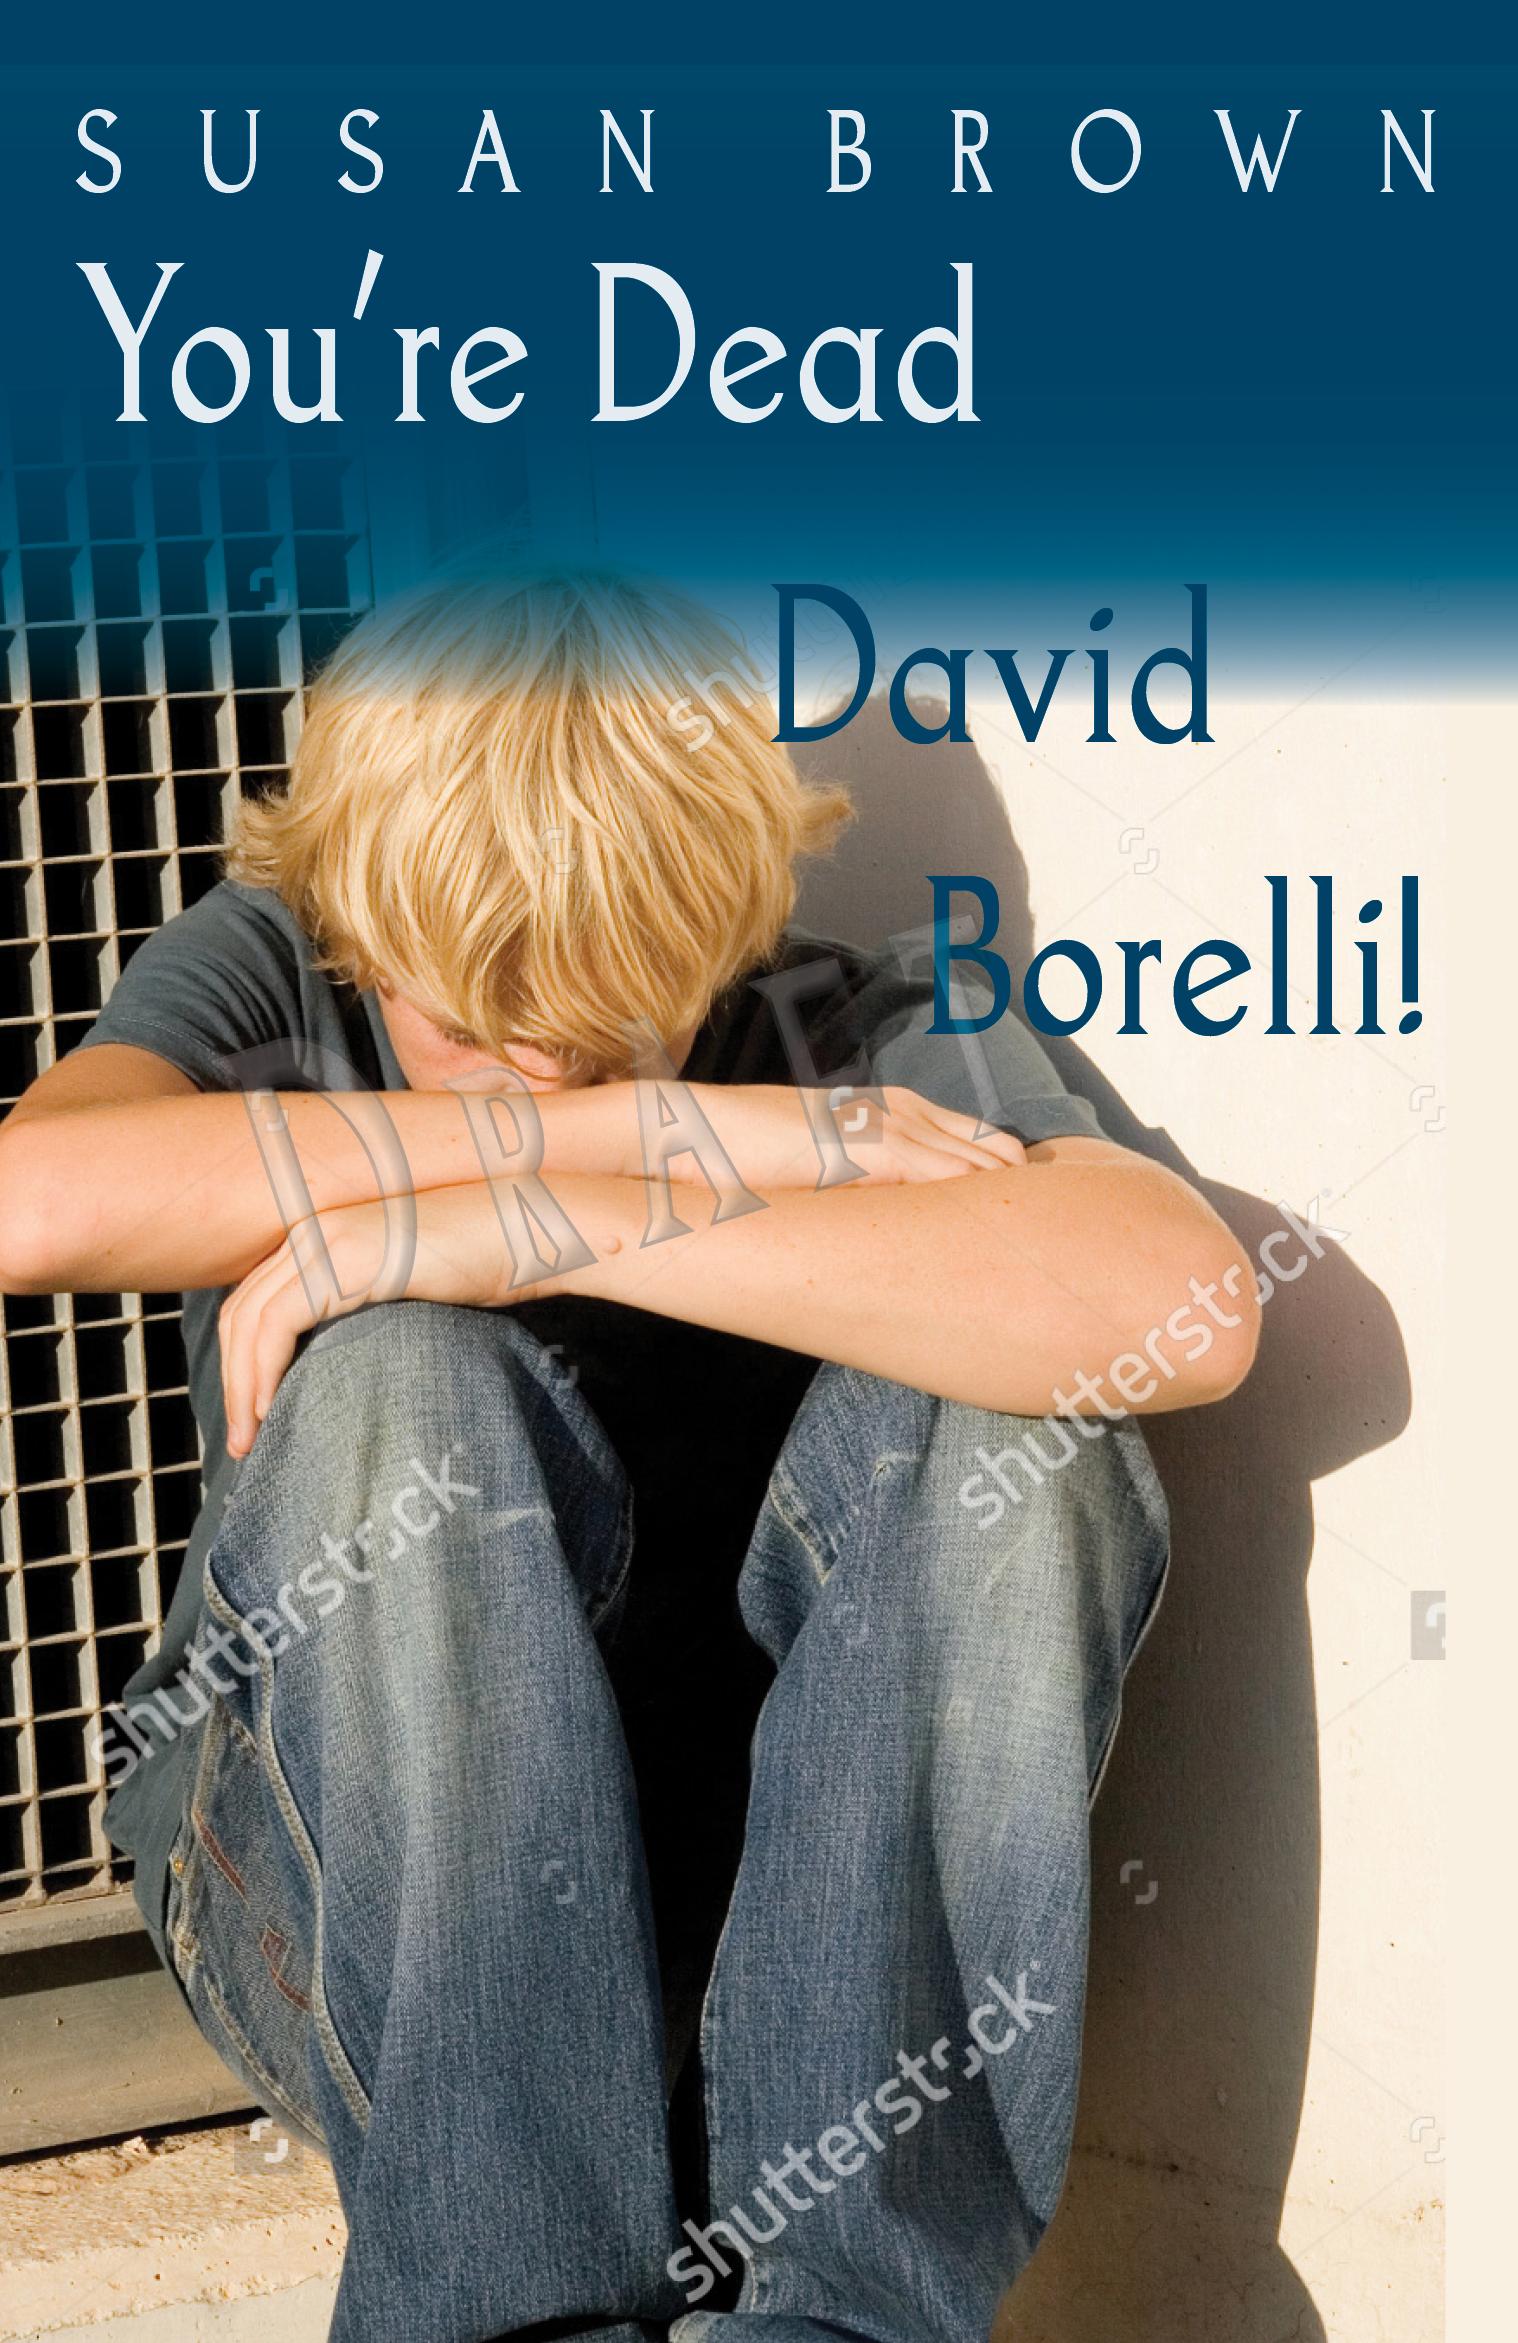 You're Dead, David Borelli!